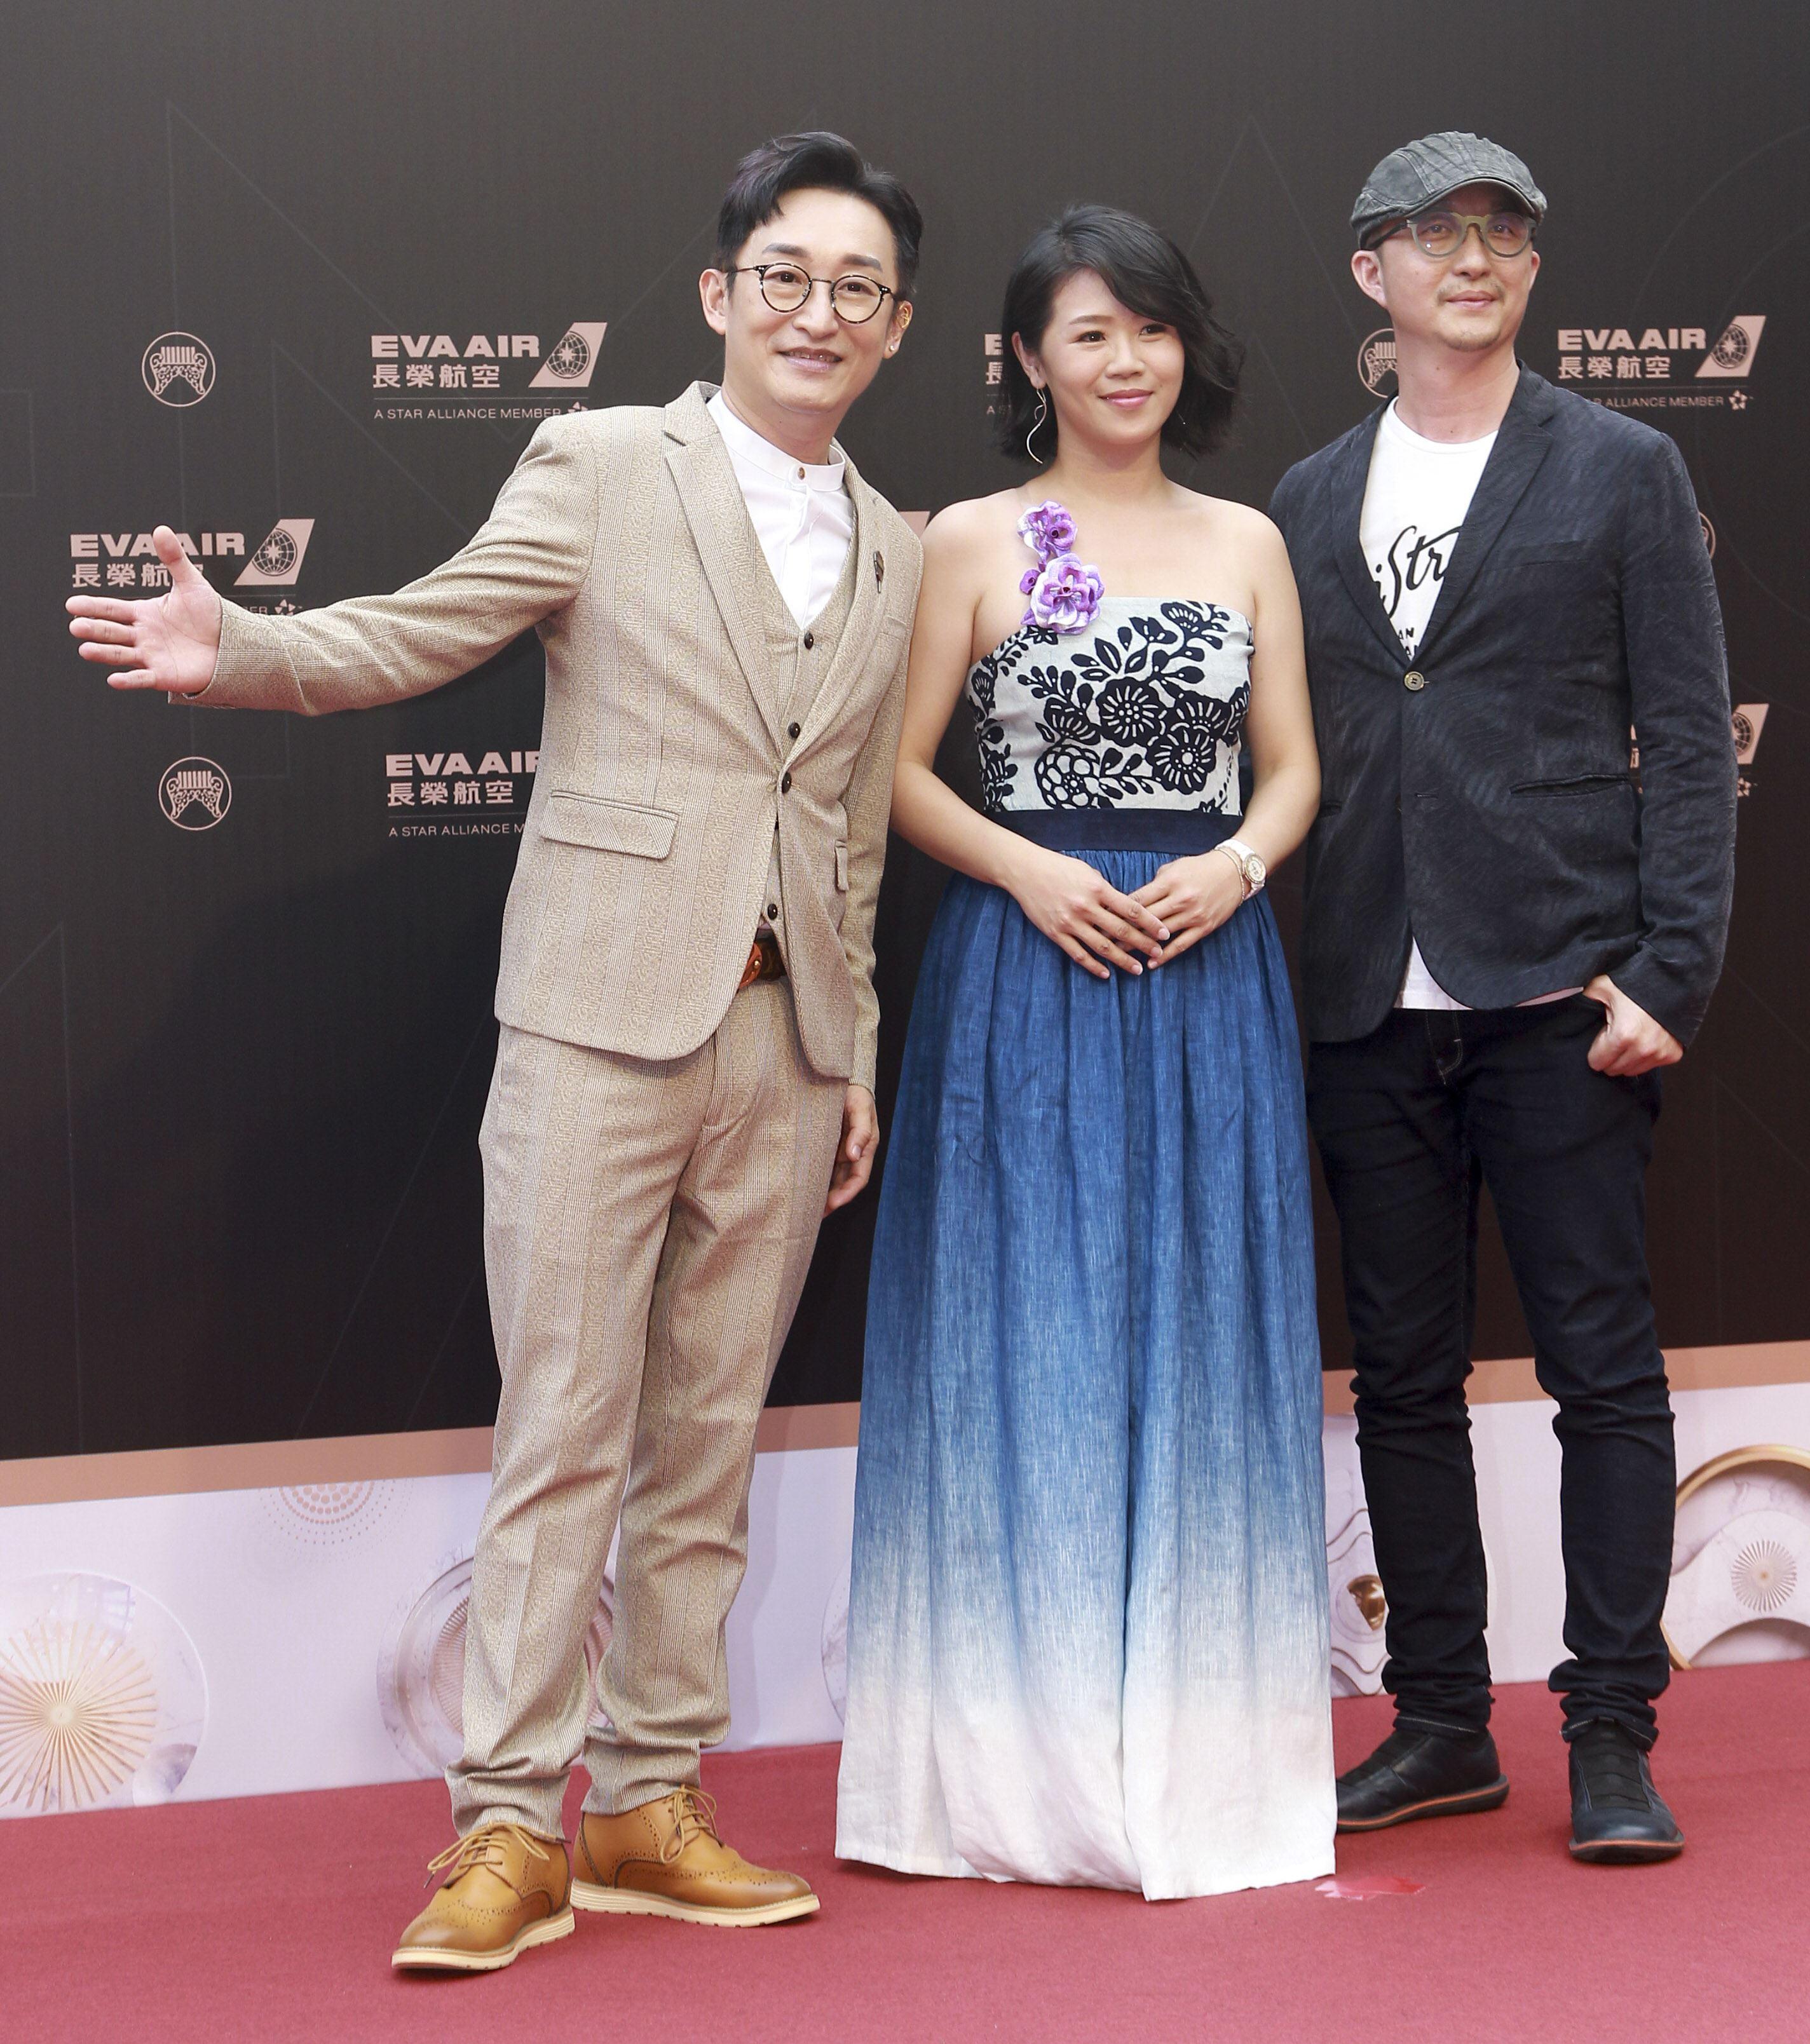 第30屆金曲獎星光大道,徐哲緯、葉鈺渟。(記者邱榮吉、林士傑/攝影)